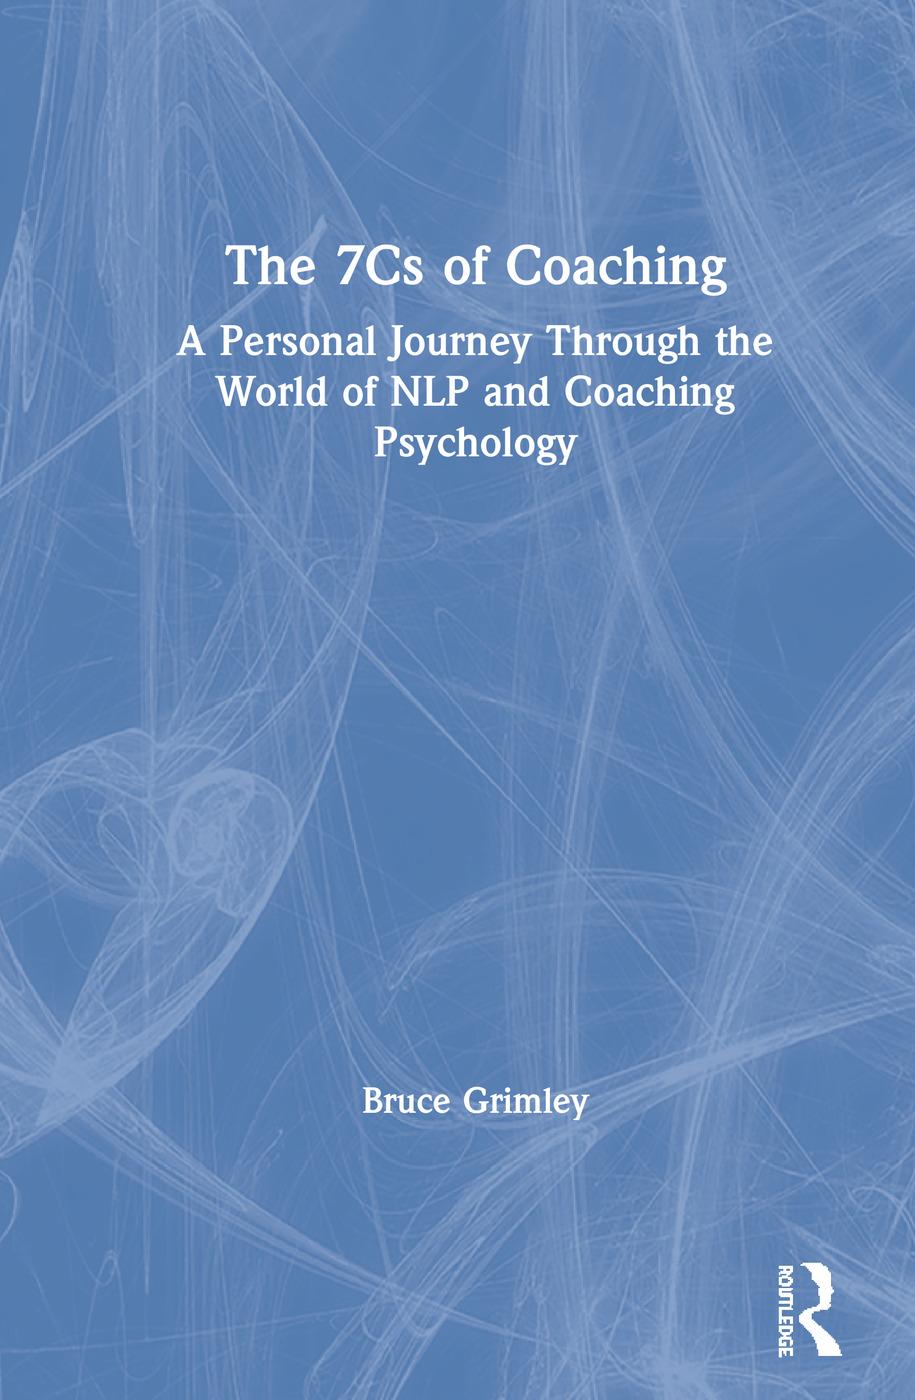 The psychology behind 7Cs